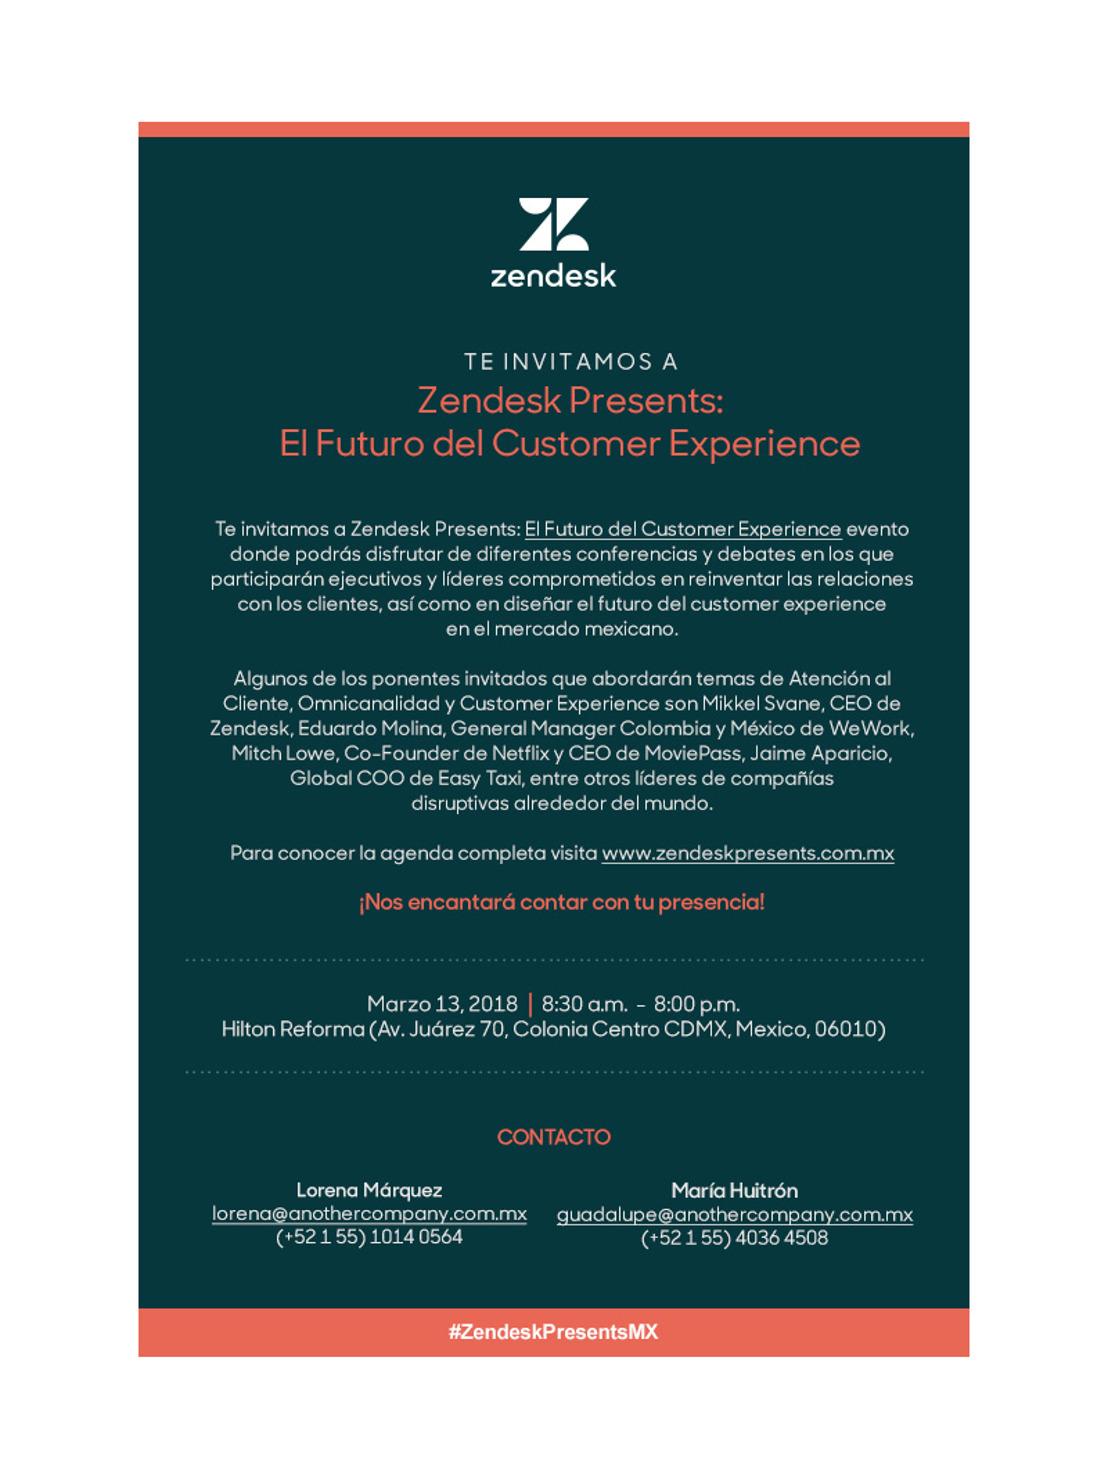 Zendesk Presents: El Futuro del Customer Experience